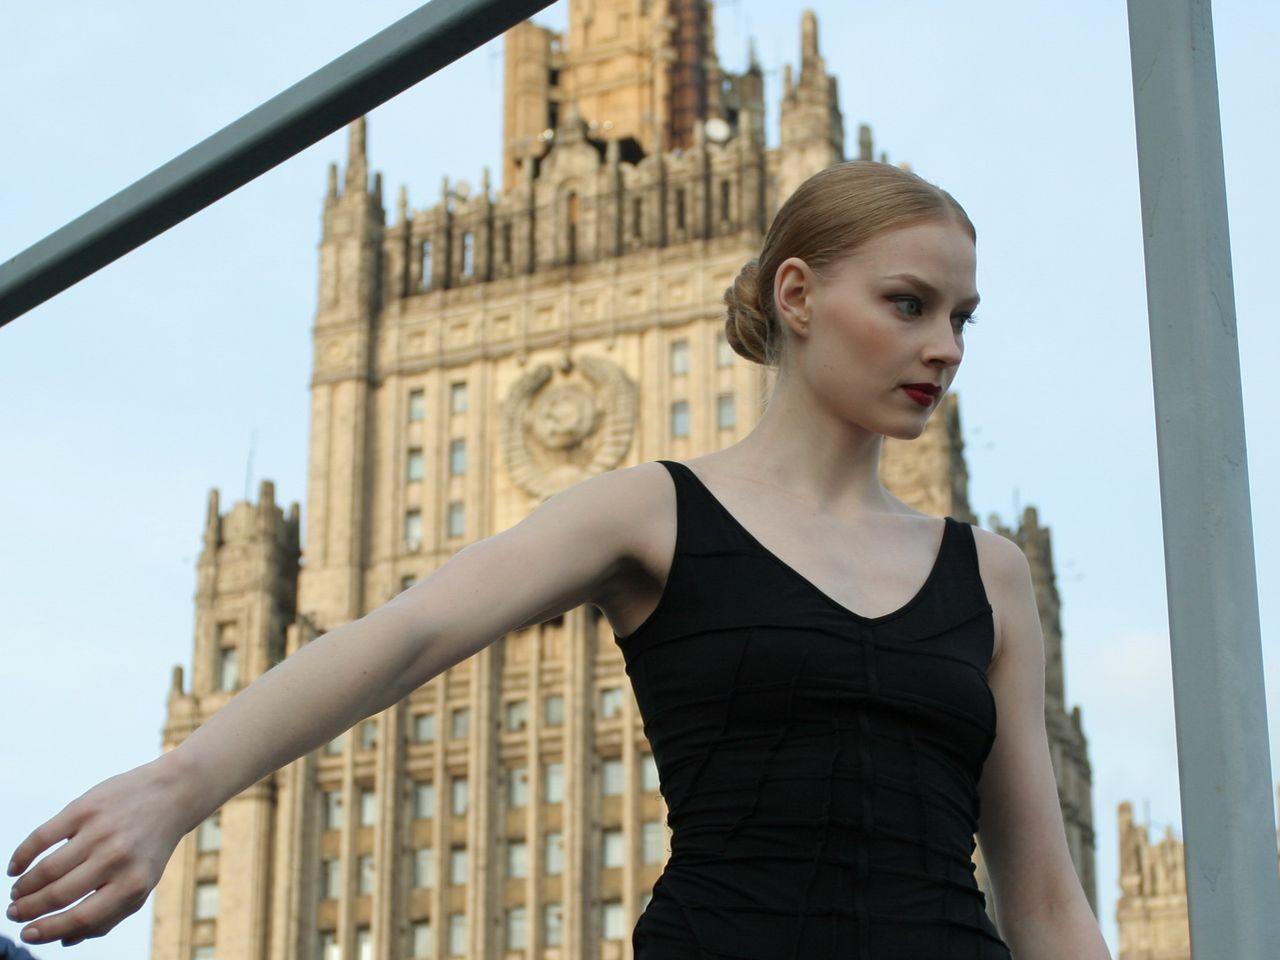 Светлана Ходченкова - Svetlana Hodchenkova фото 594235.